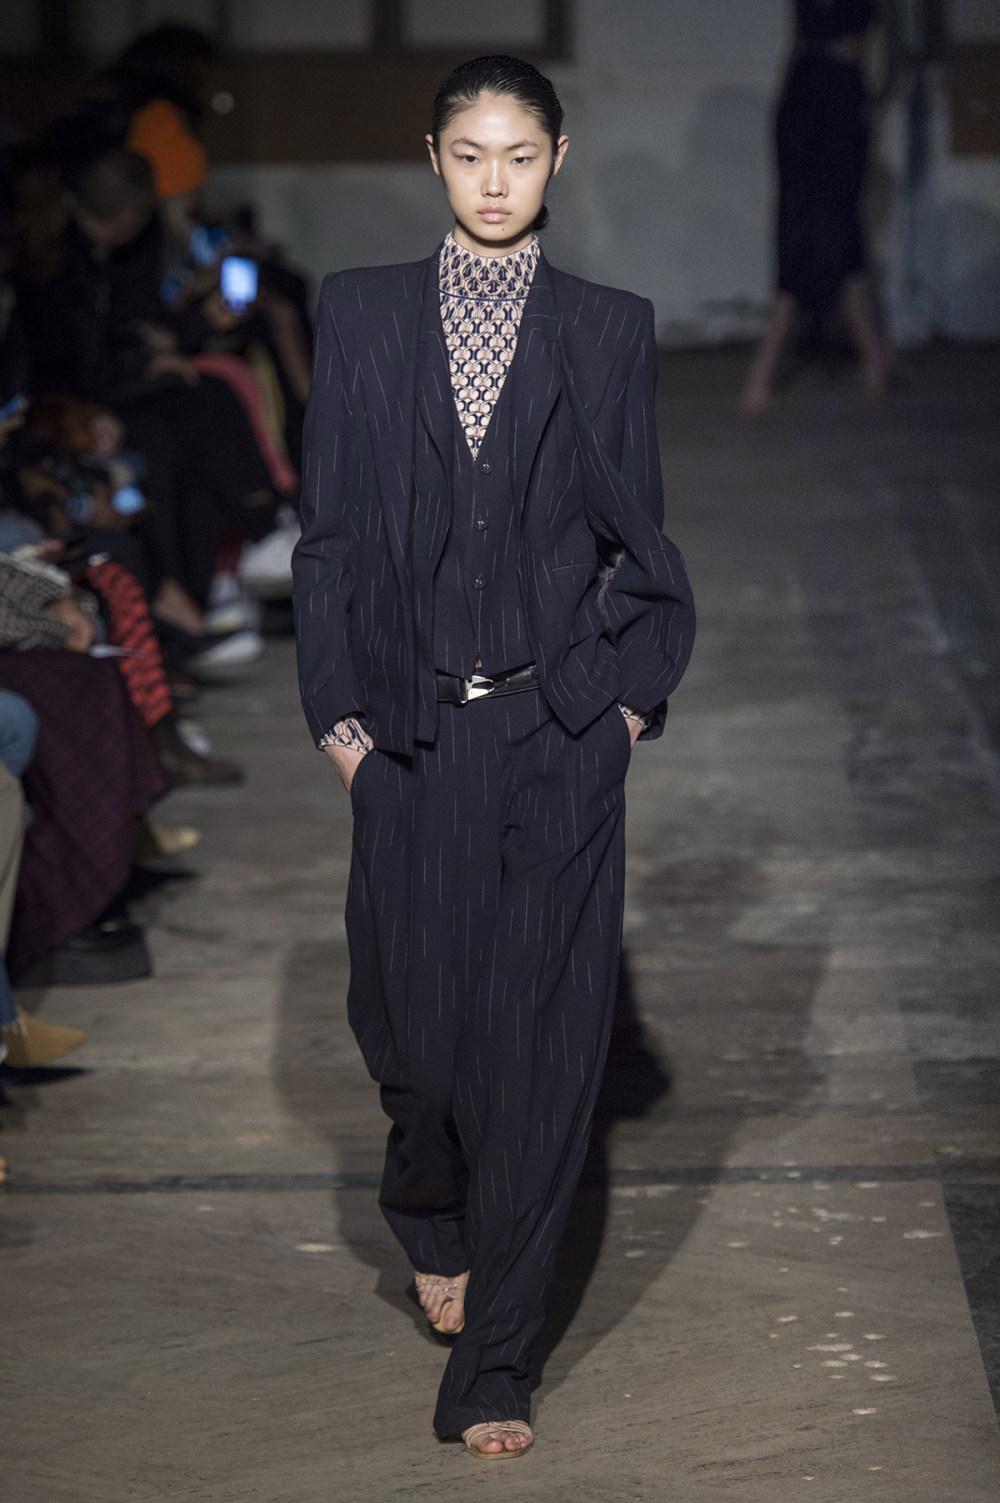 Dion Lee没有紧身衣的连衣裙被聚集或扭曲保持调色板的简约和奢华-17.jpg